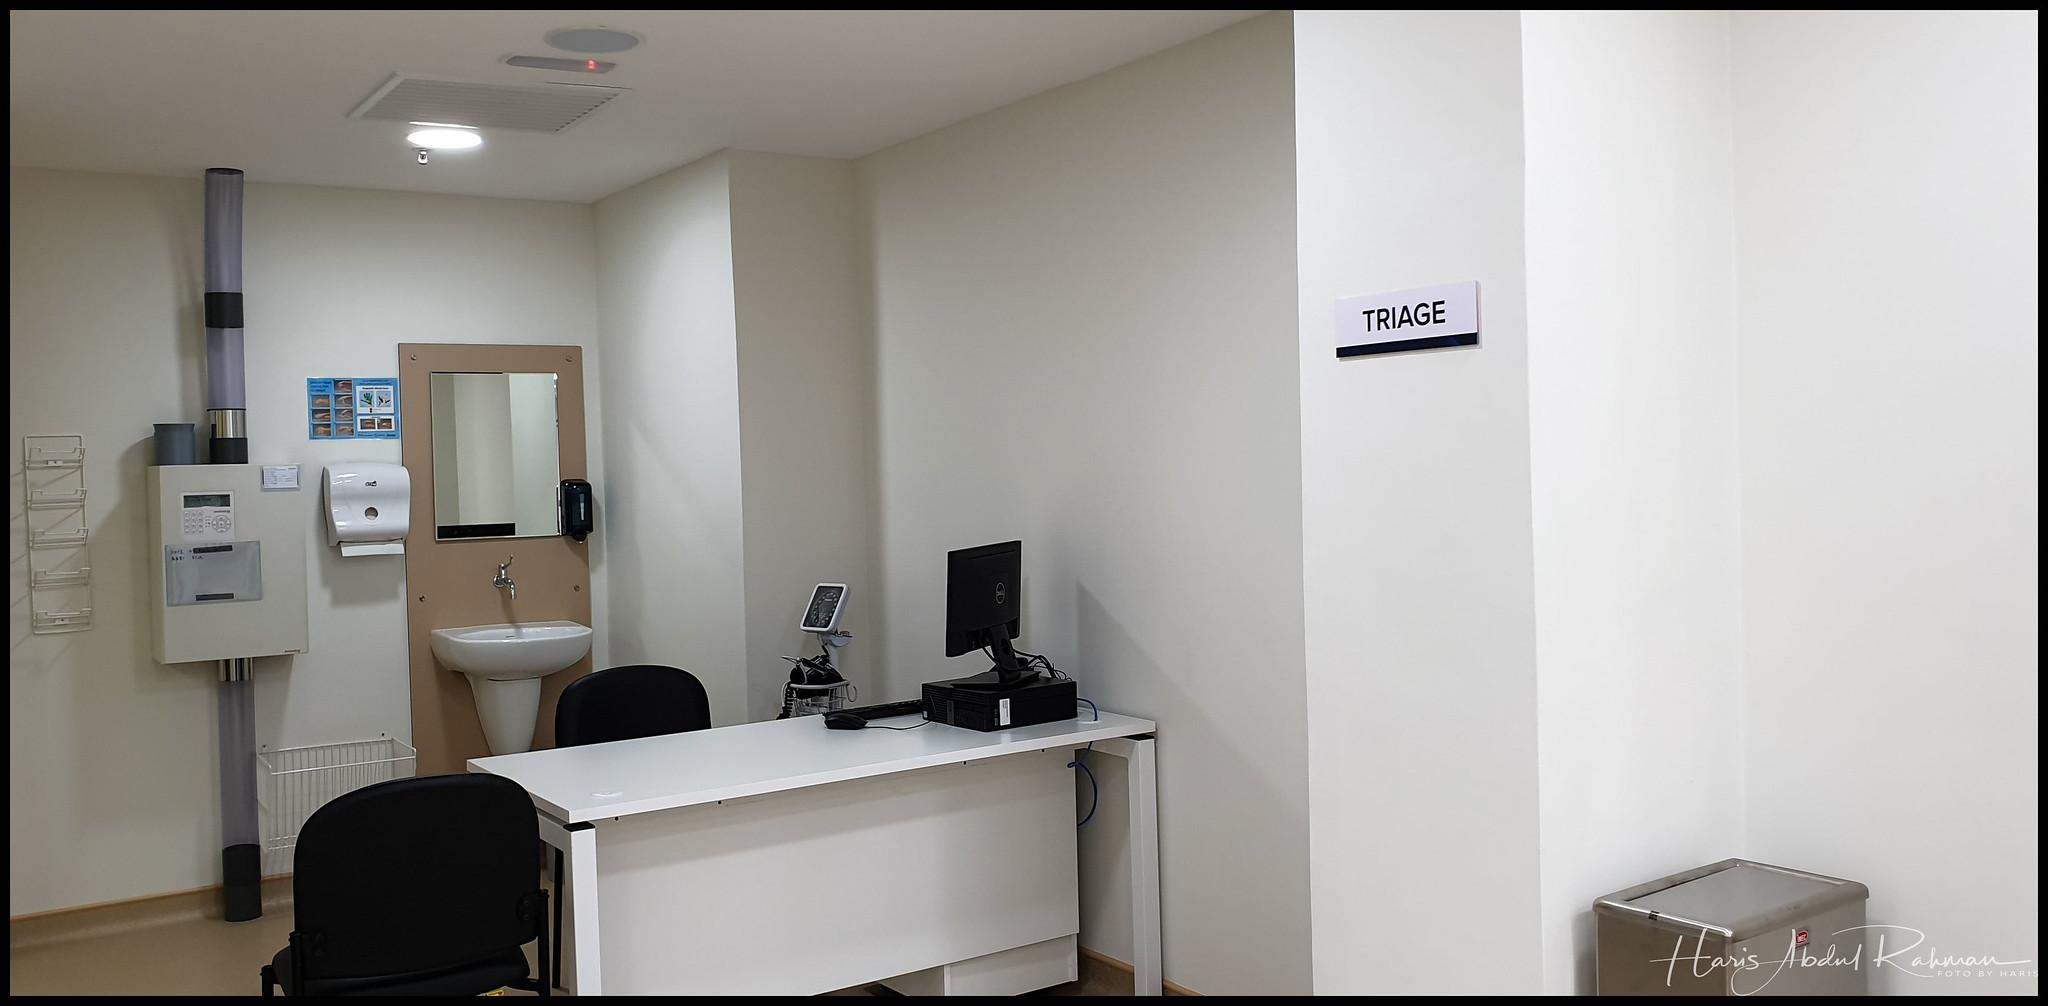 The Nurse triage area